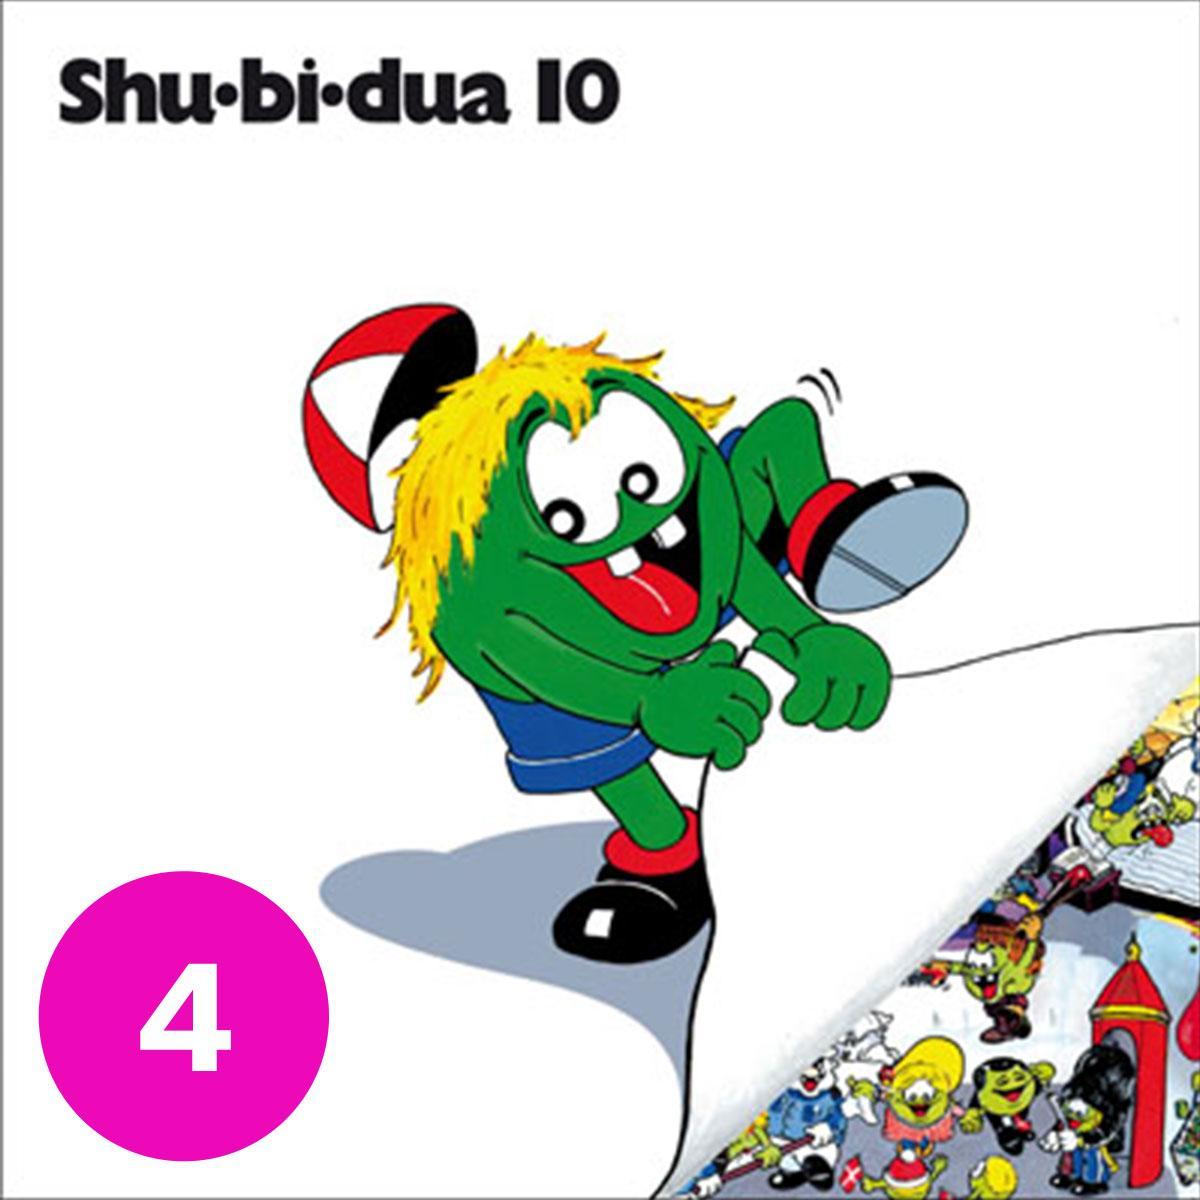 shbidua-med-tal.jpg